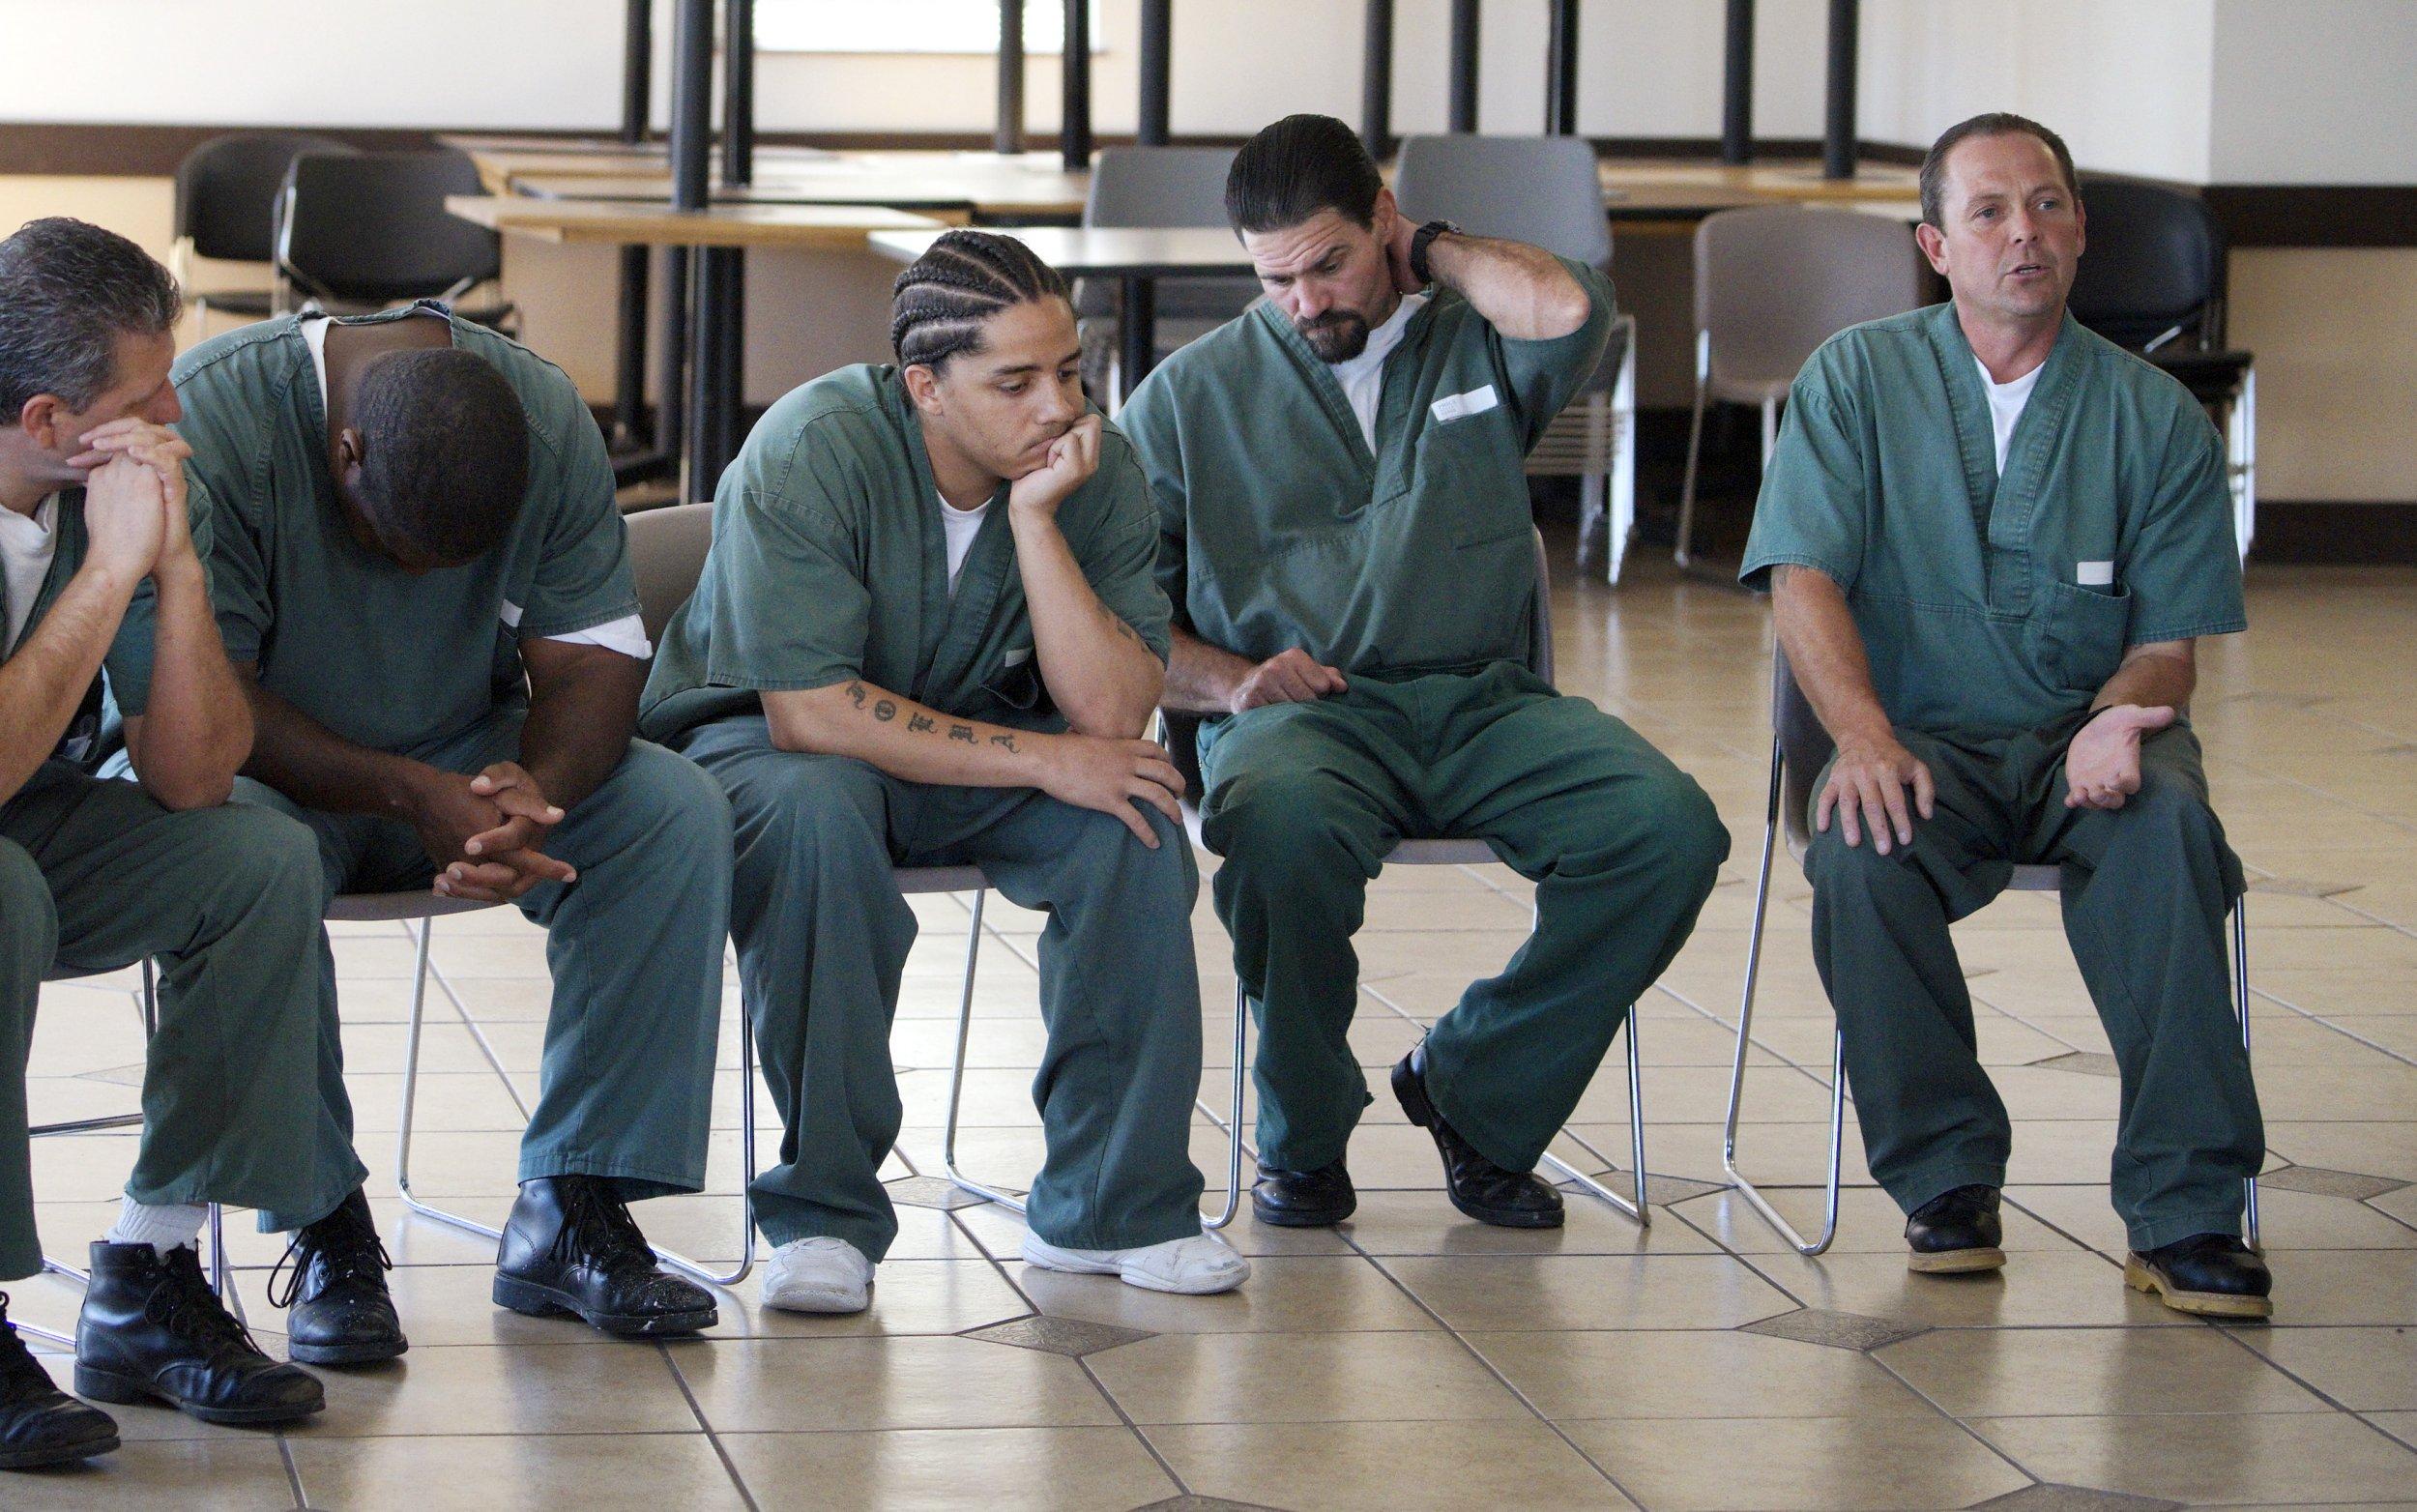 08_20_Prison_Private_01